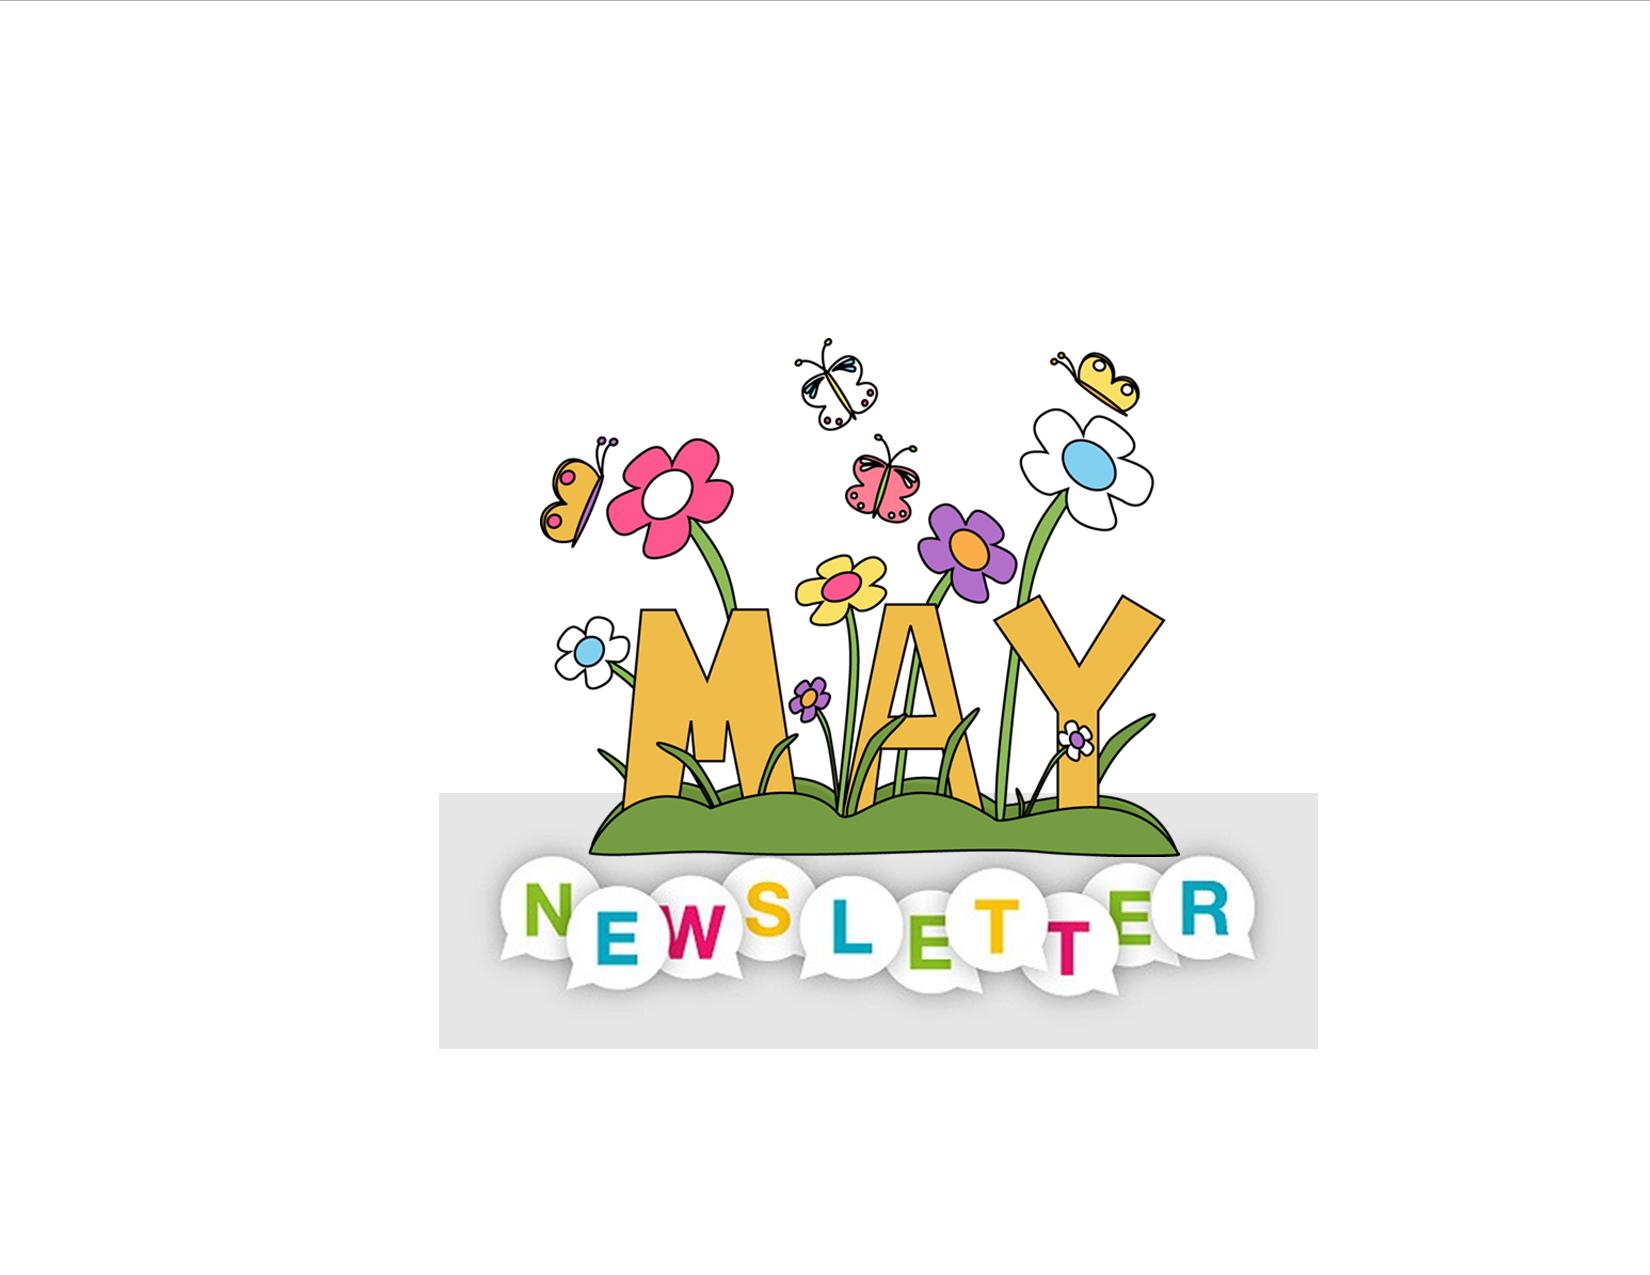 Newsletter clipart may newsletter, Newsletter may newsletter.